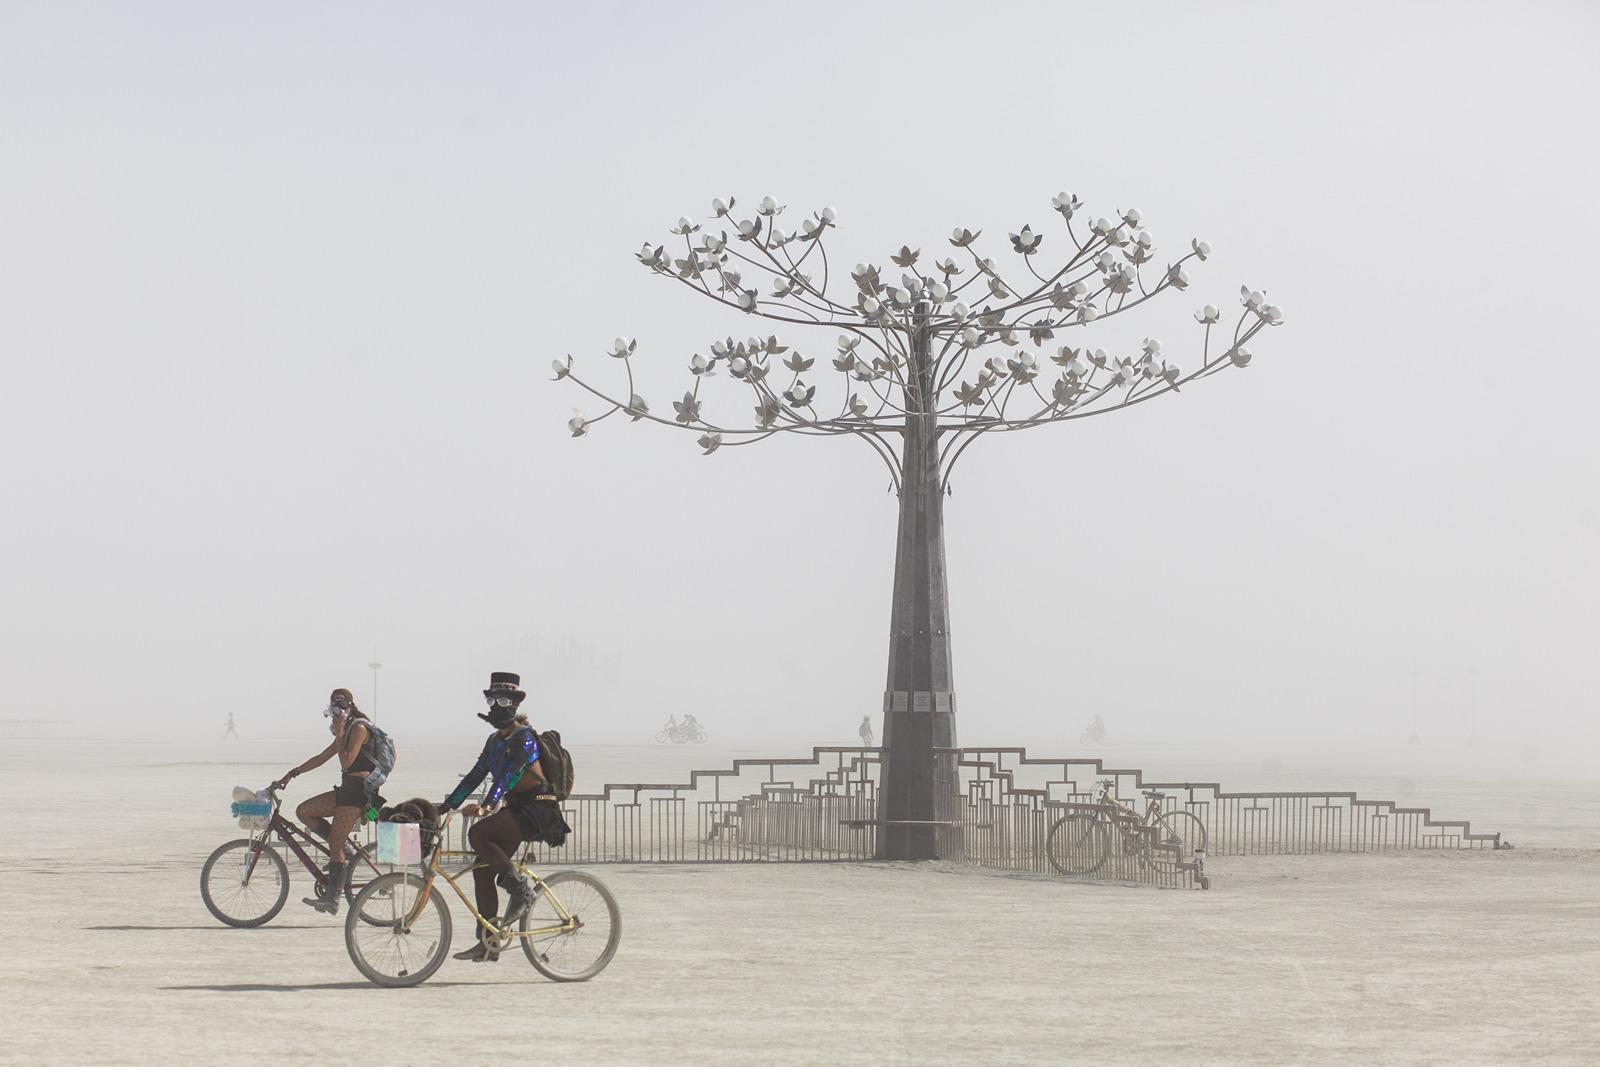 Burning Man - The tree